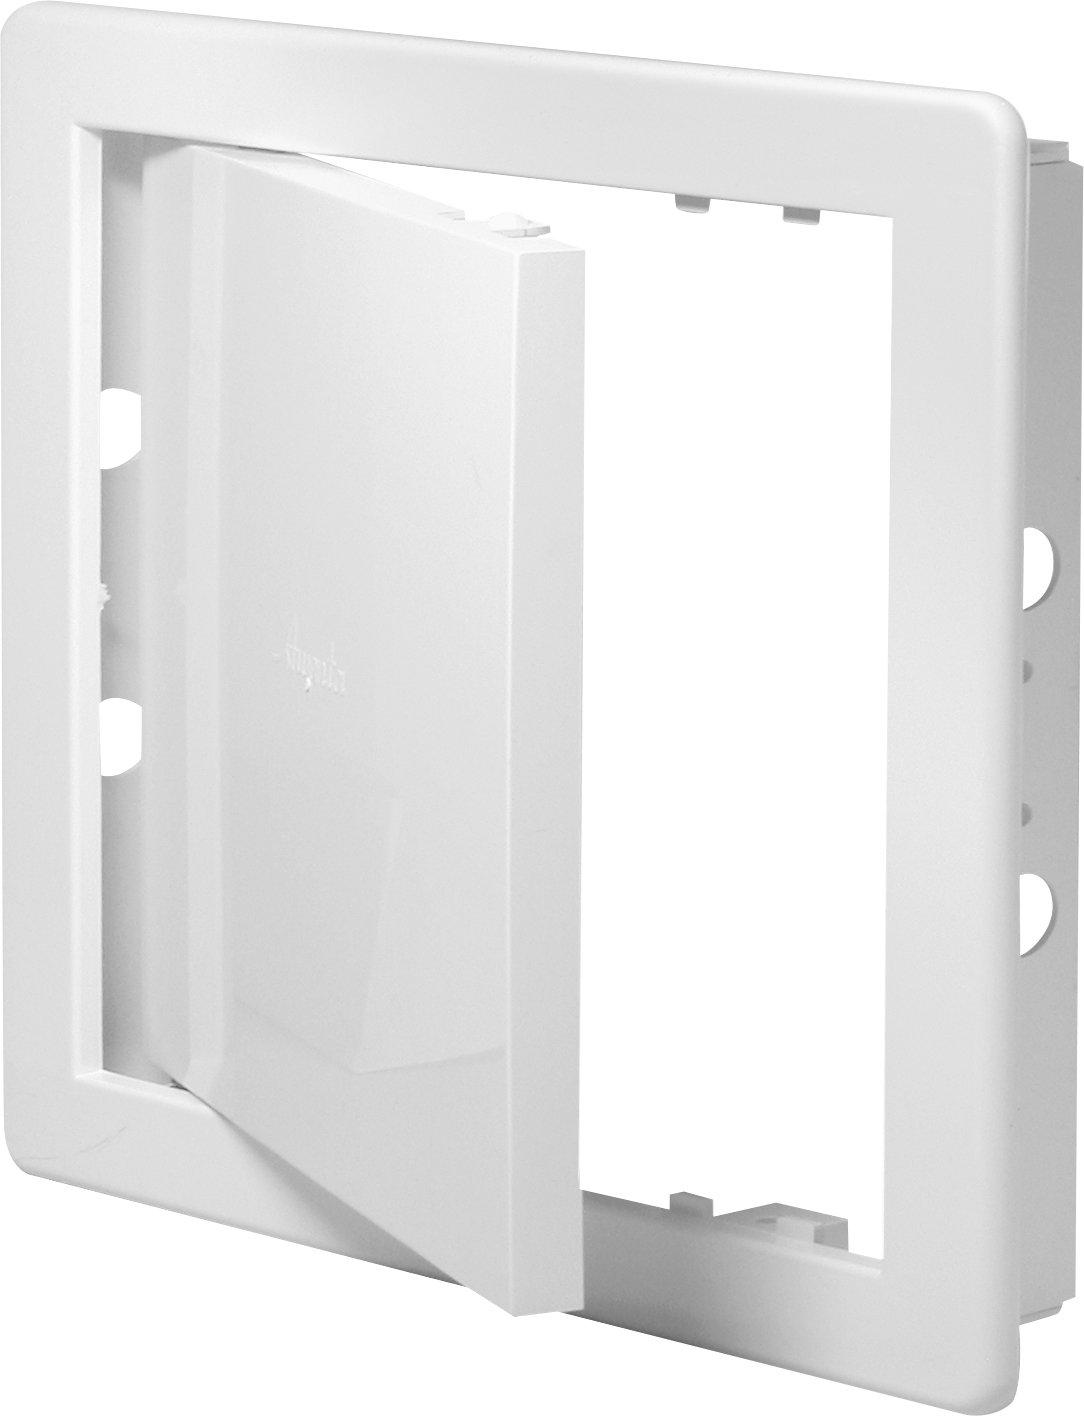 MKK 200 x 200 mm (20 x 20cm) Trappe de révision en plastique blanc – Trappe de révision Trappe de maintenance Trappe de nettoyage Ouverture de maintenance MKK-SHOP